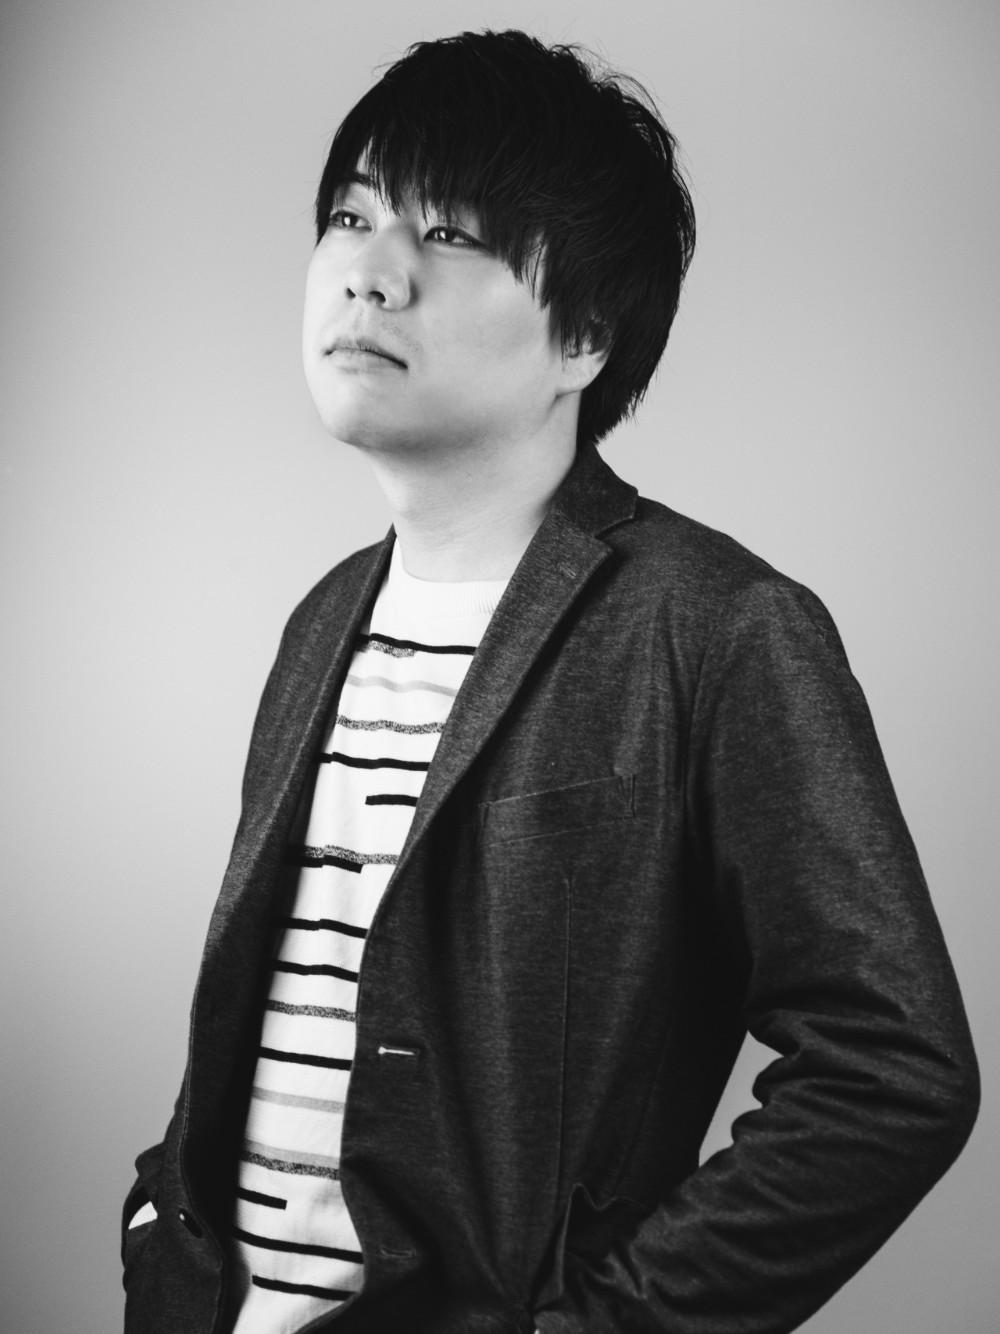 Nozomu Akazawa